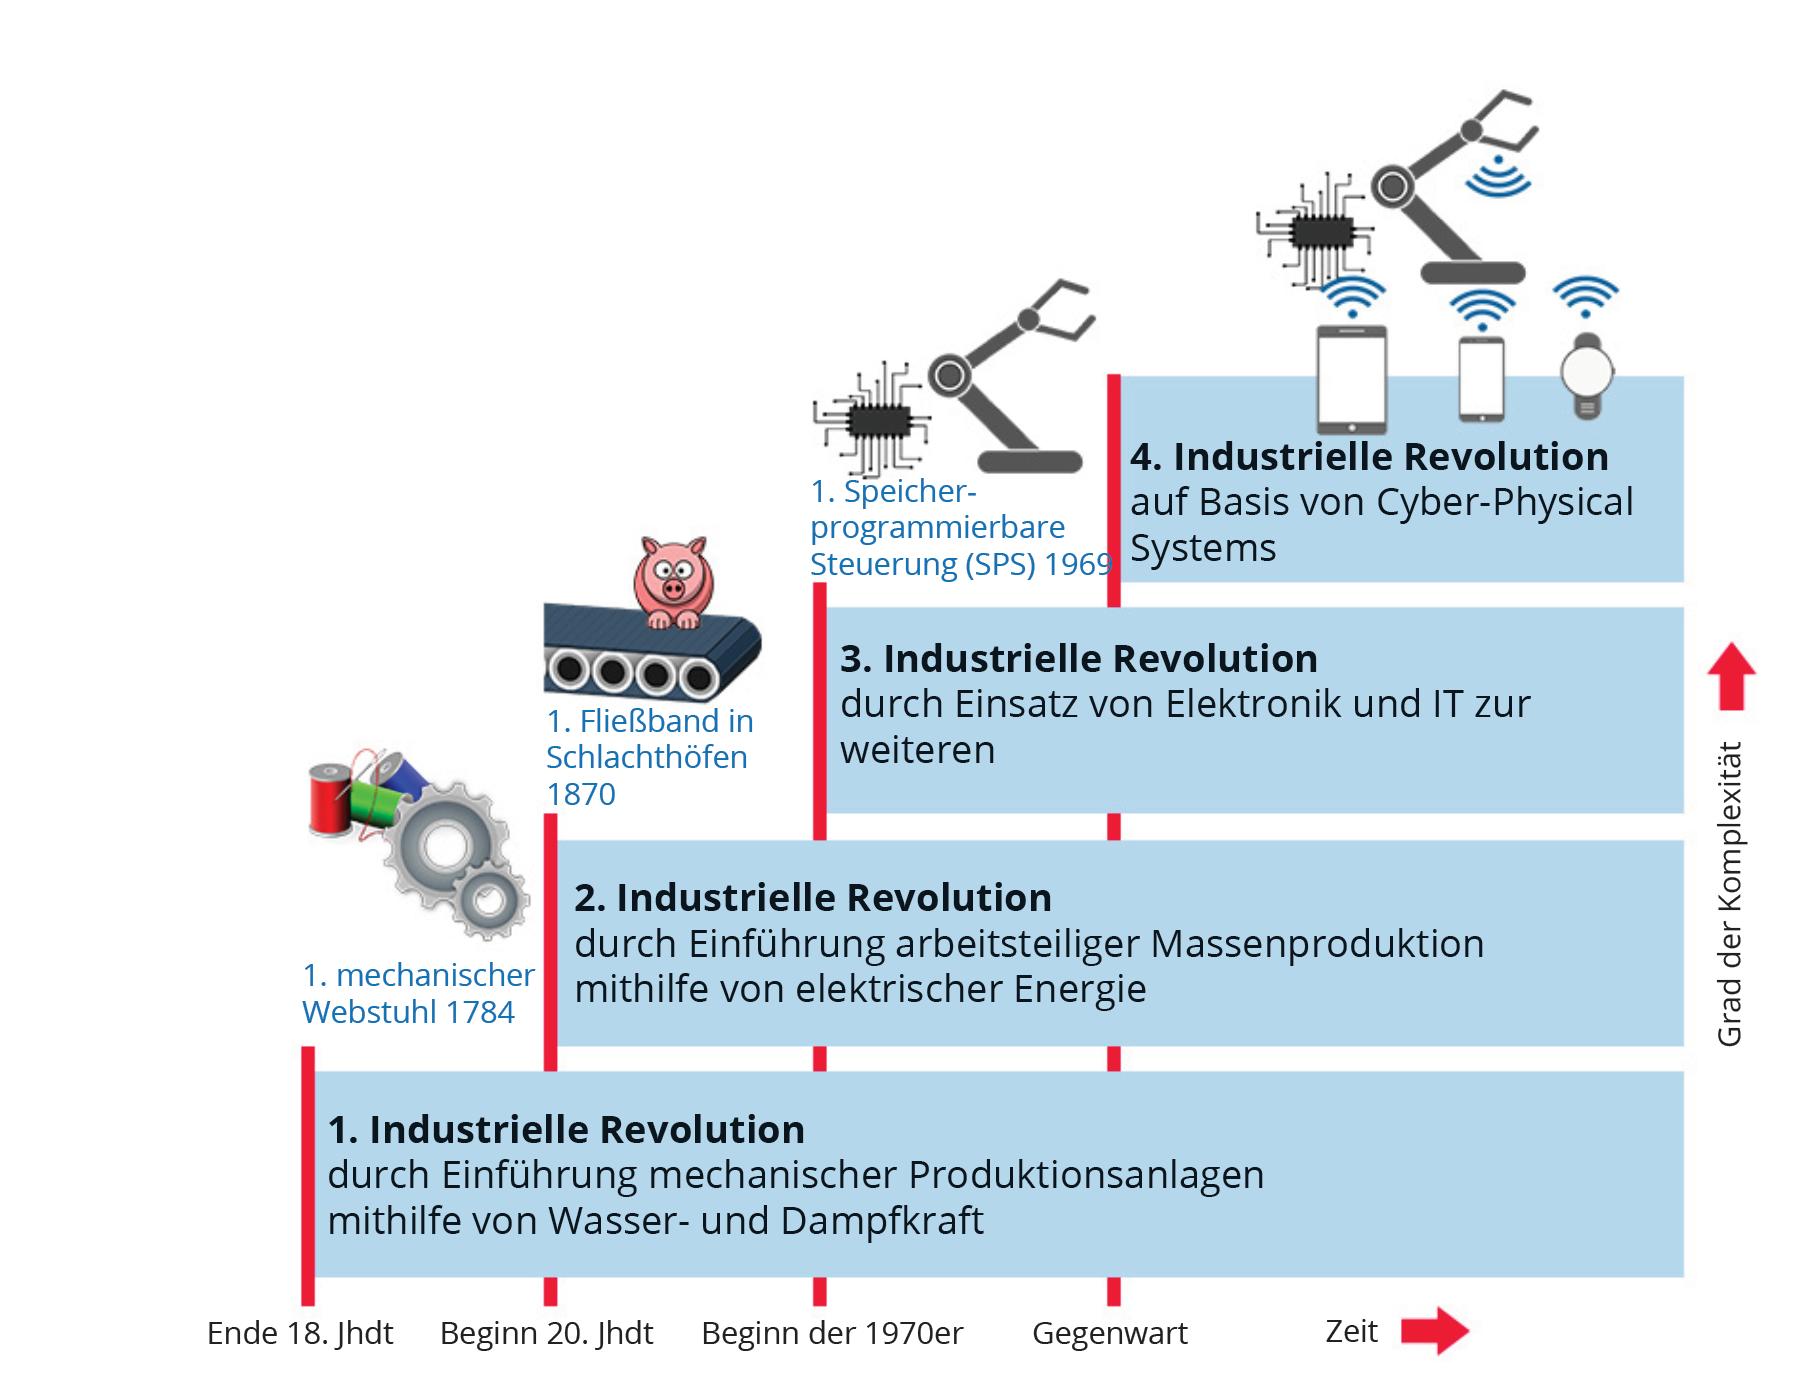 4te-digitale-revolution-schaubild.png